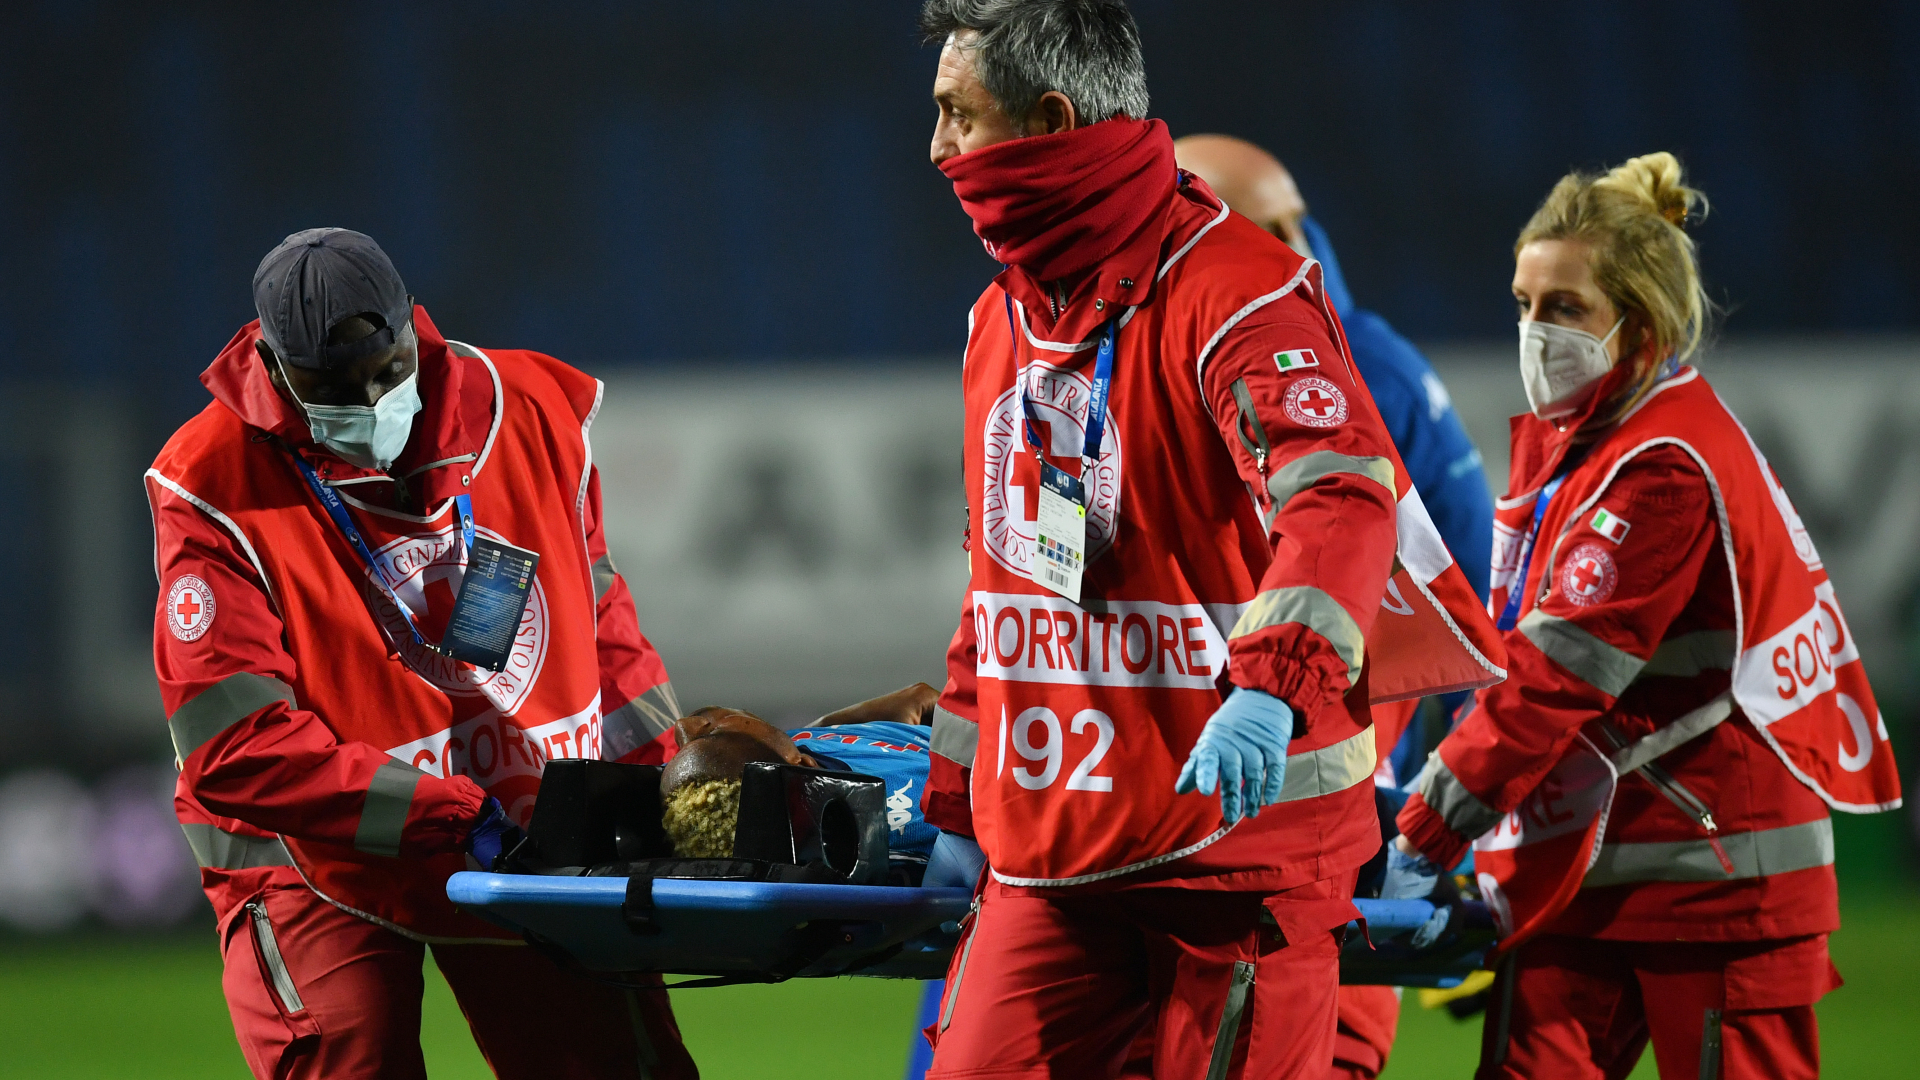 Napoli star Osimhen undergoes head trauma scans in hospital